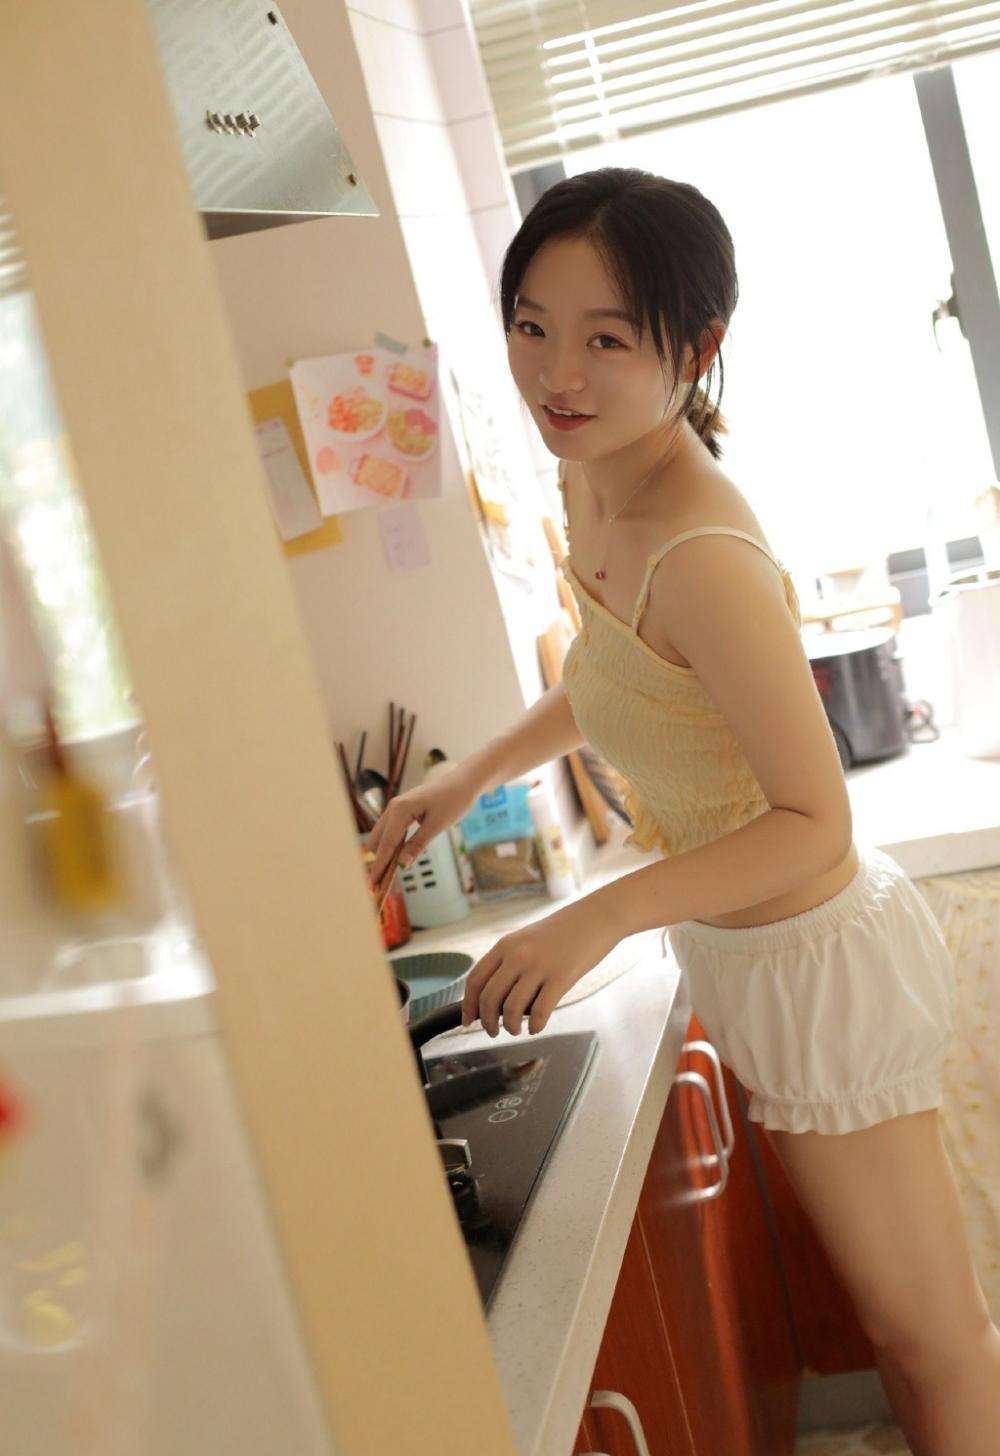 GIHK-003身材高挑纤细的制服女子细腰翘臀丰满爆乳惹火销魂图库